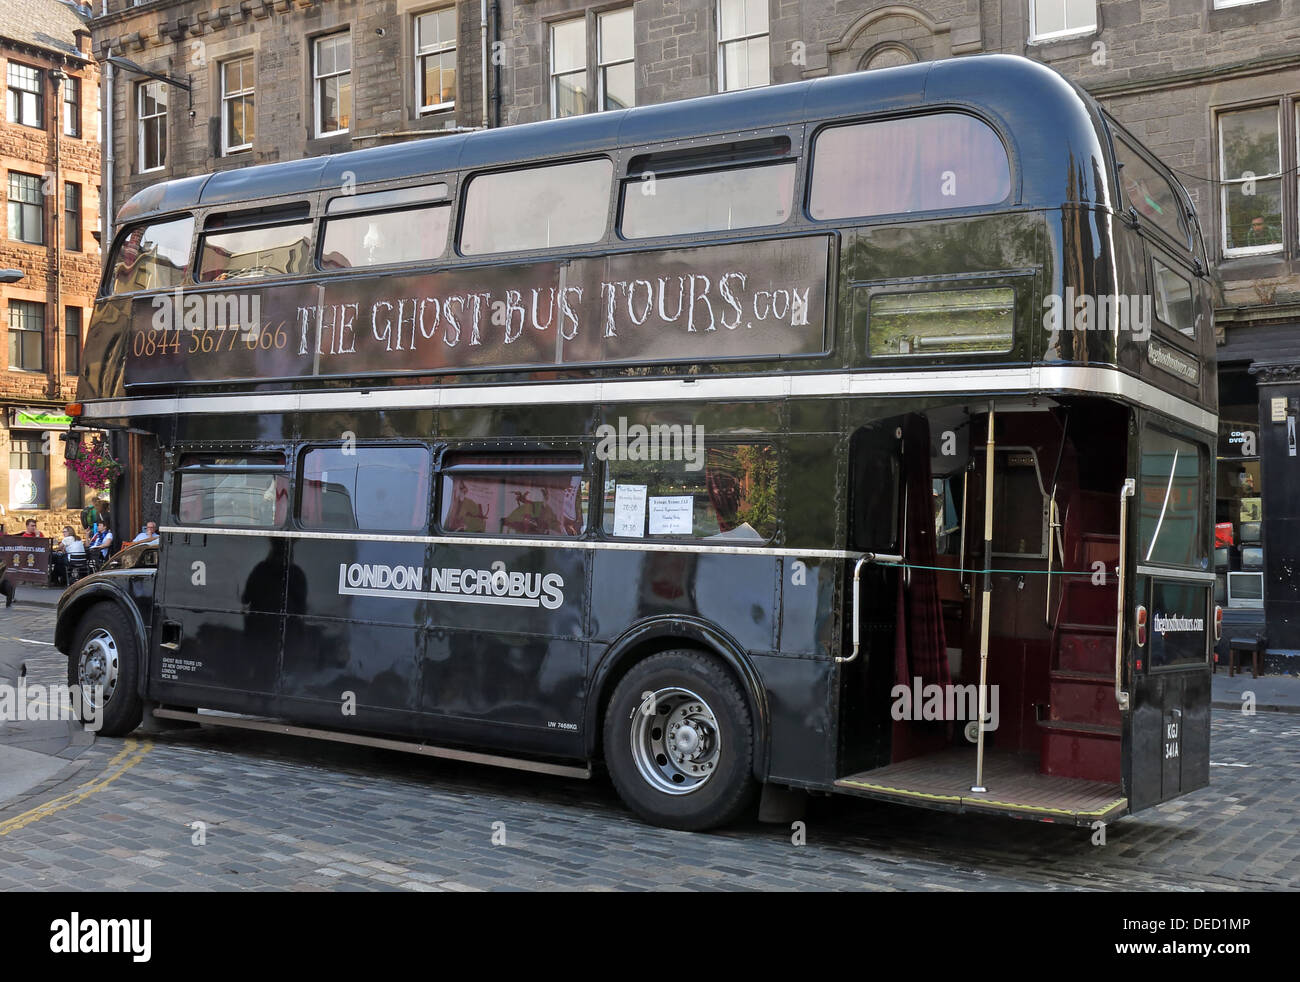 Laden Sie dieses Alamy Stockfoto Die schwarzen London Necrobus in Edinburgh, Scotland, UK - DED1MP